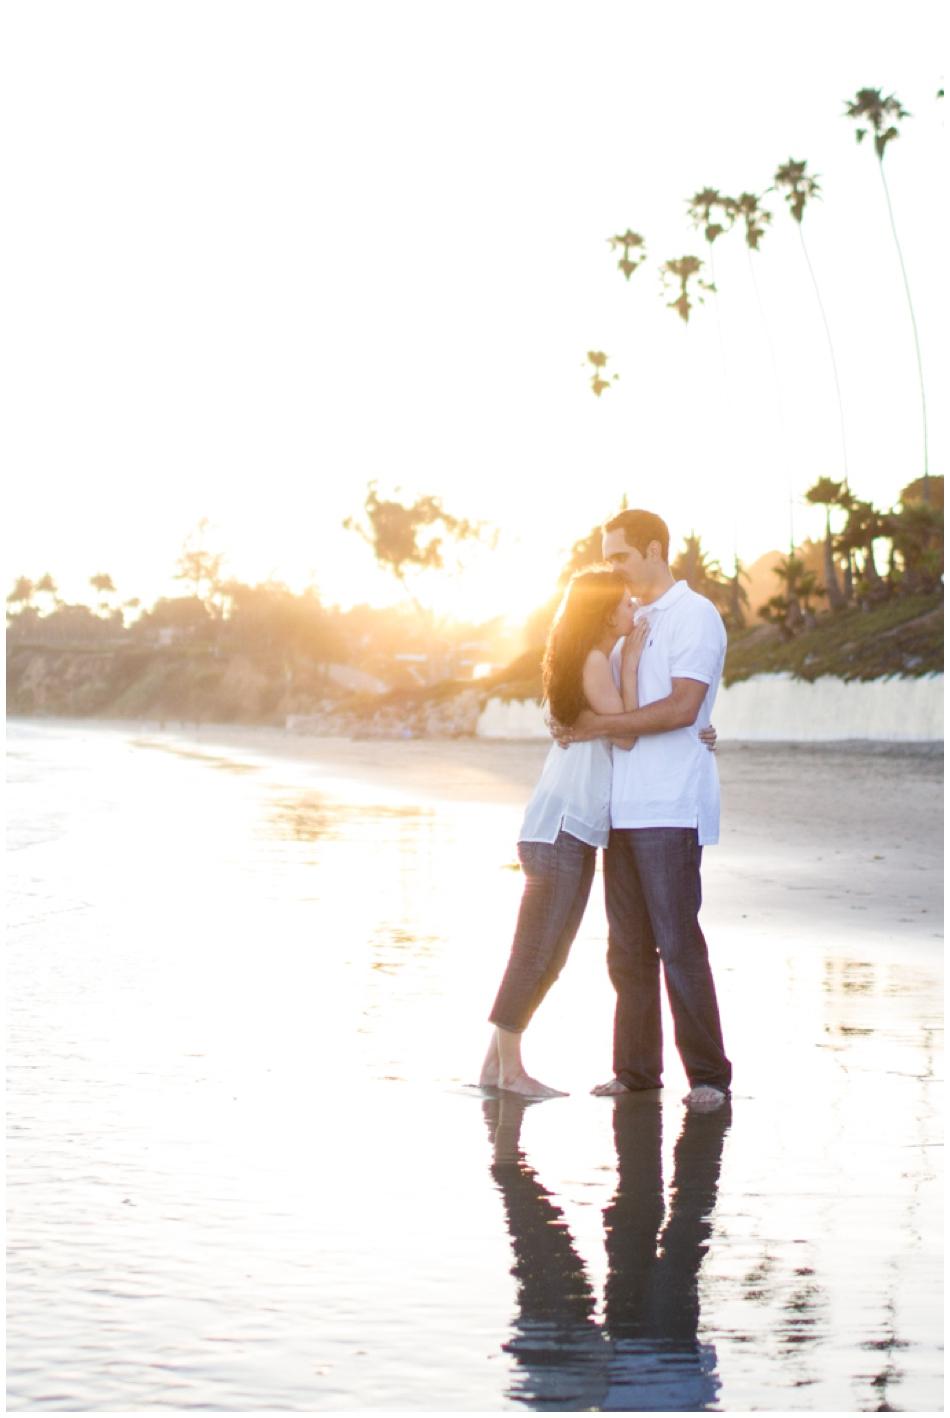 Sara and David Santa Barbara engagement session ©Shaun and Skyla Walton_0021